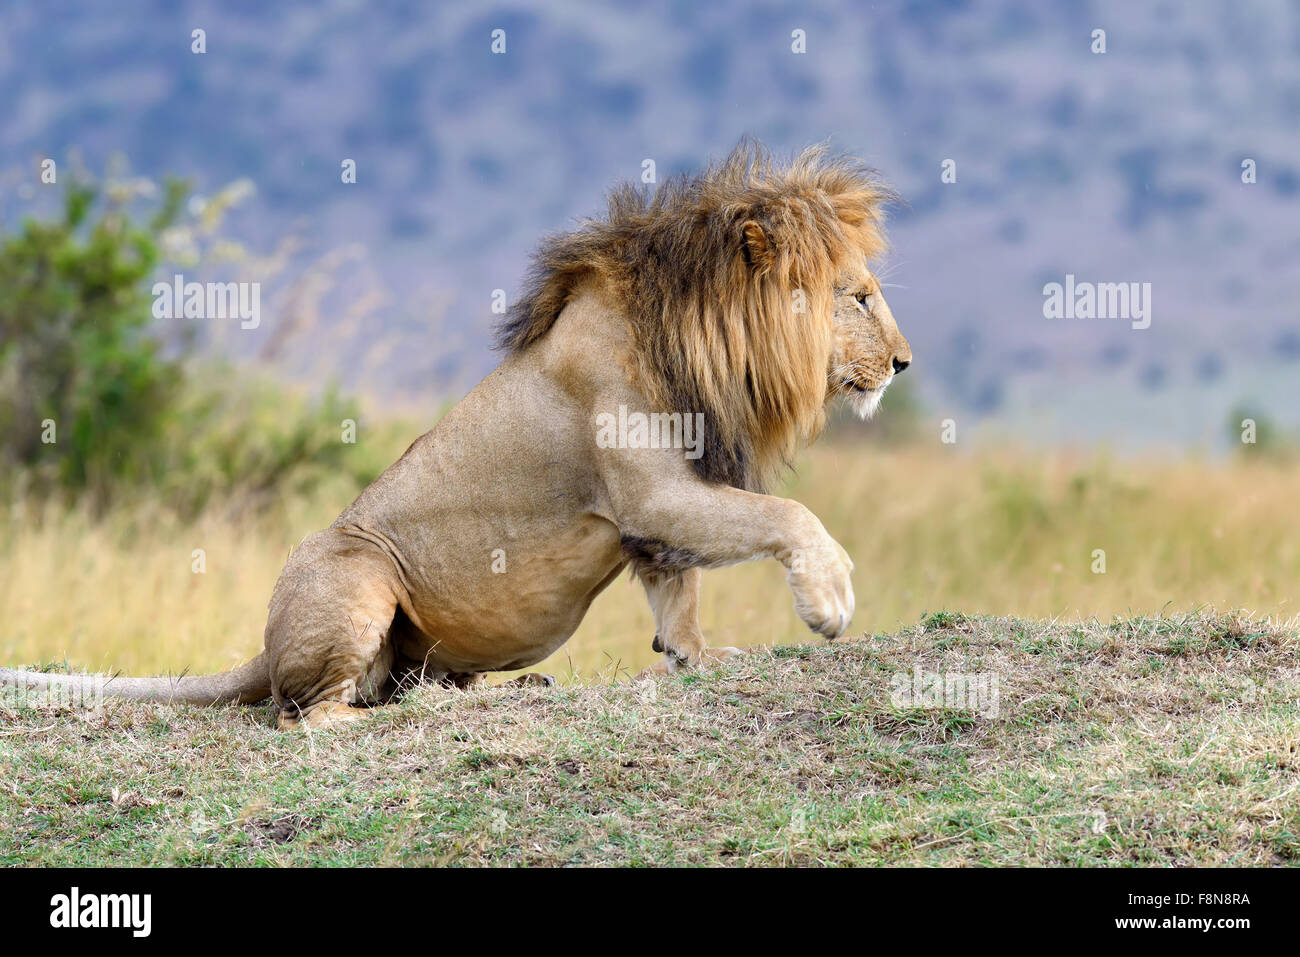 A proximité du parc national de lion du Kenya, Afrique Banque D'Images